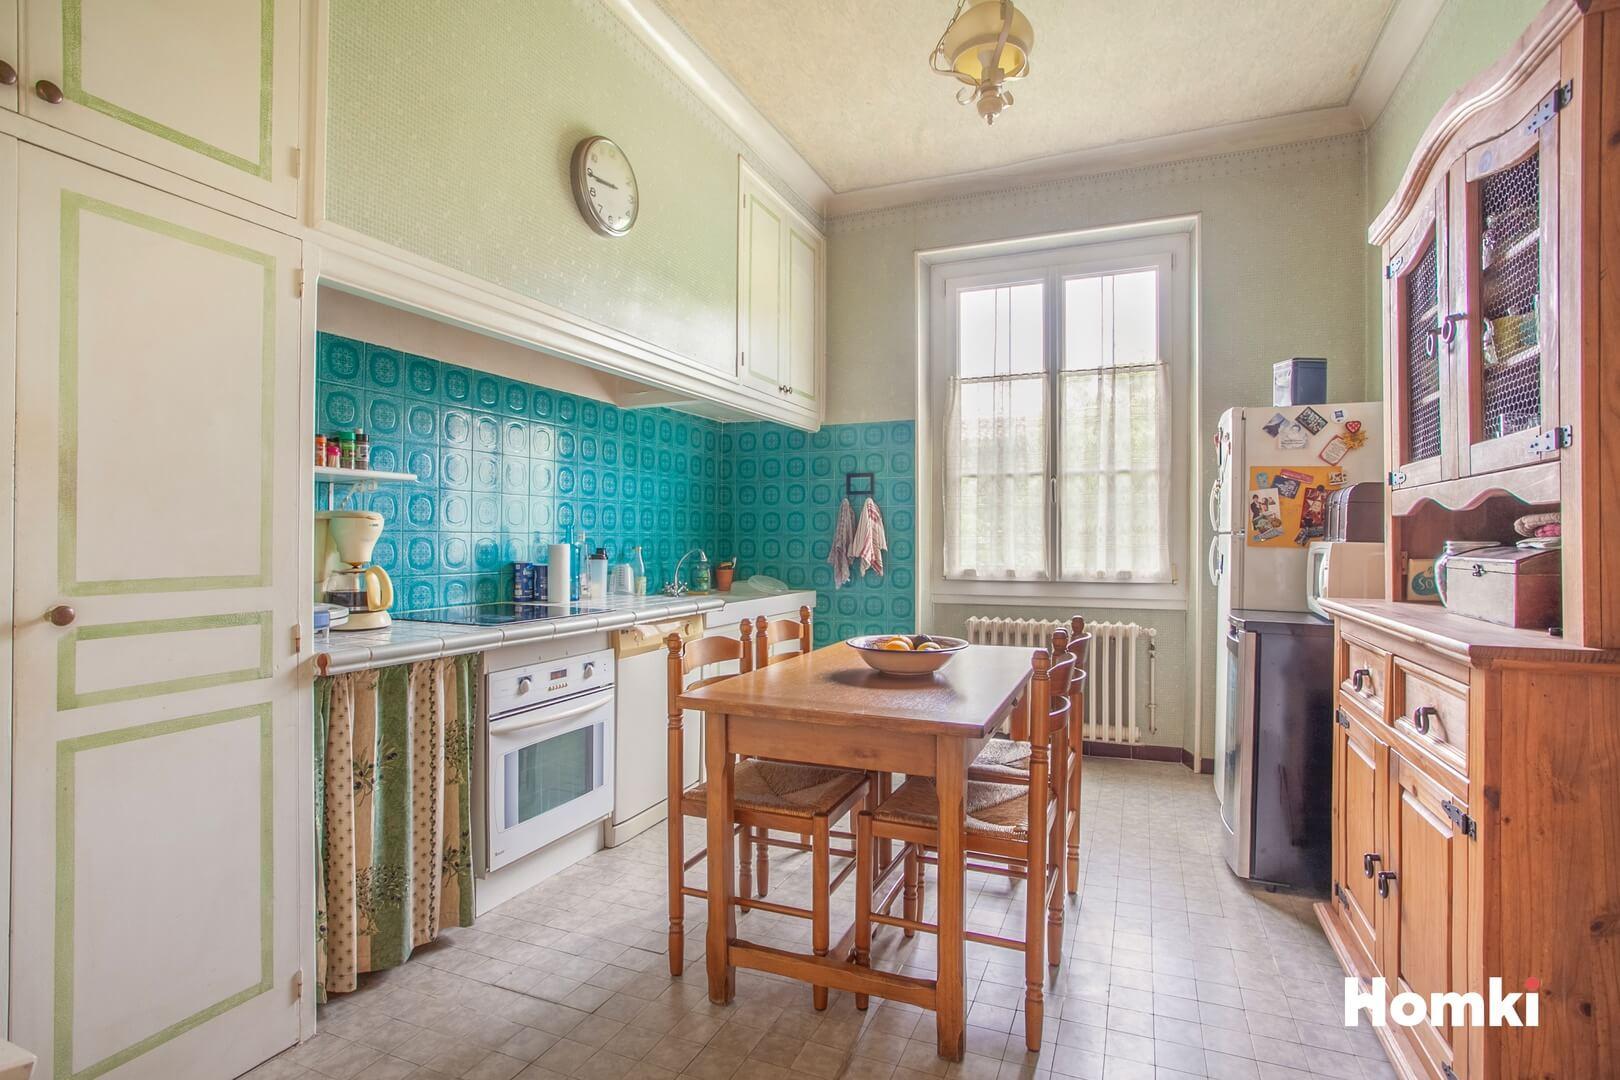 Homki - Vente Maison/villa  de 204.0 m² à Aubagne 13400